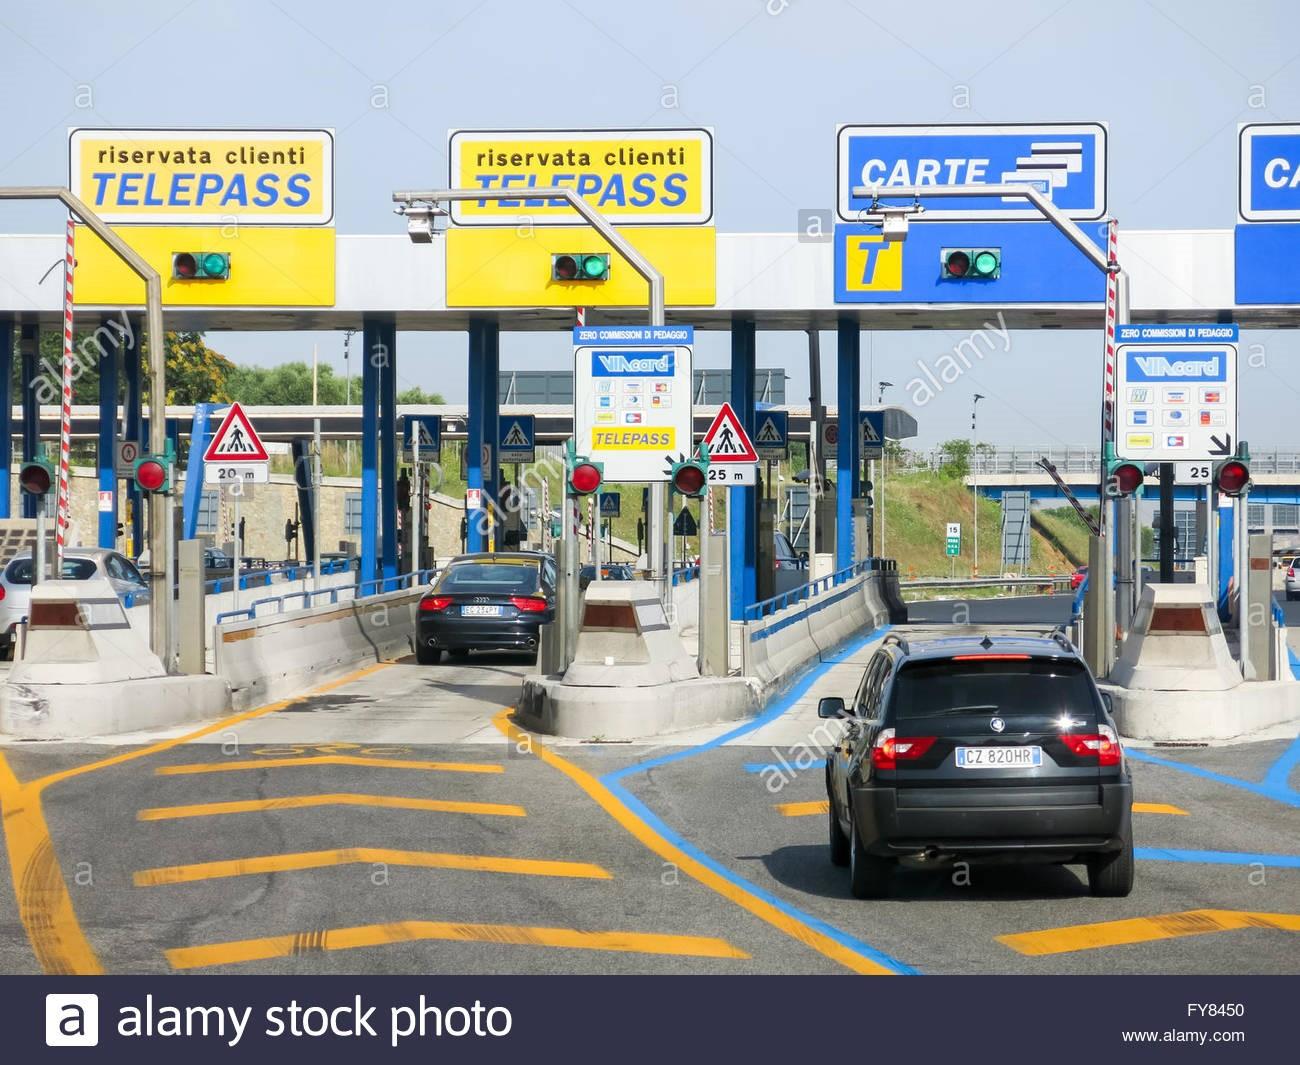 telepass fleet